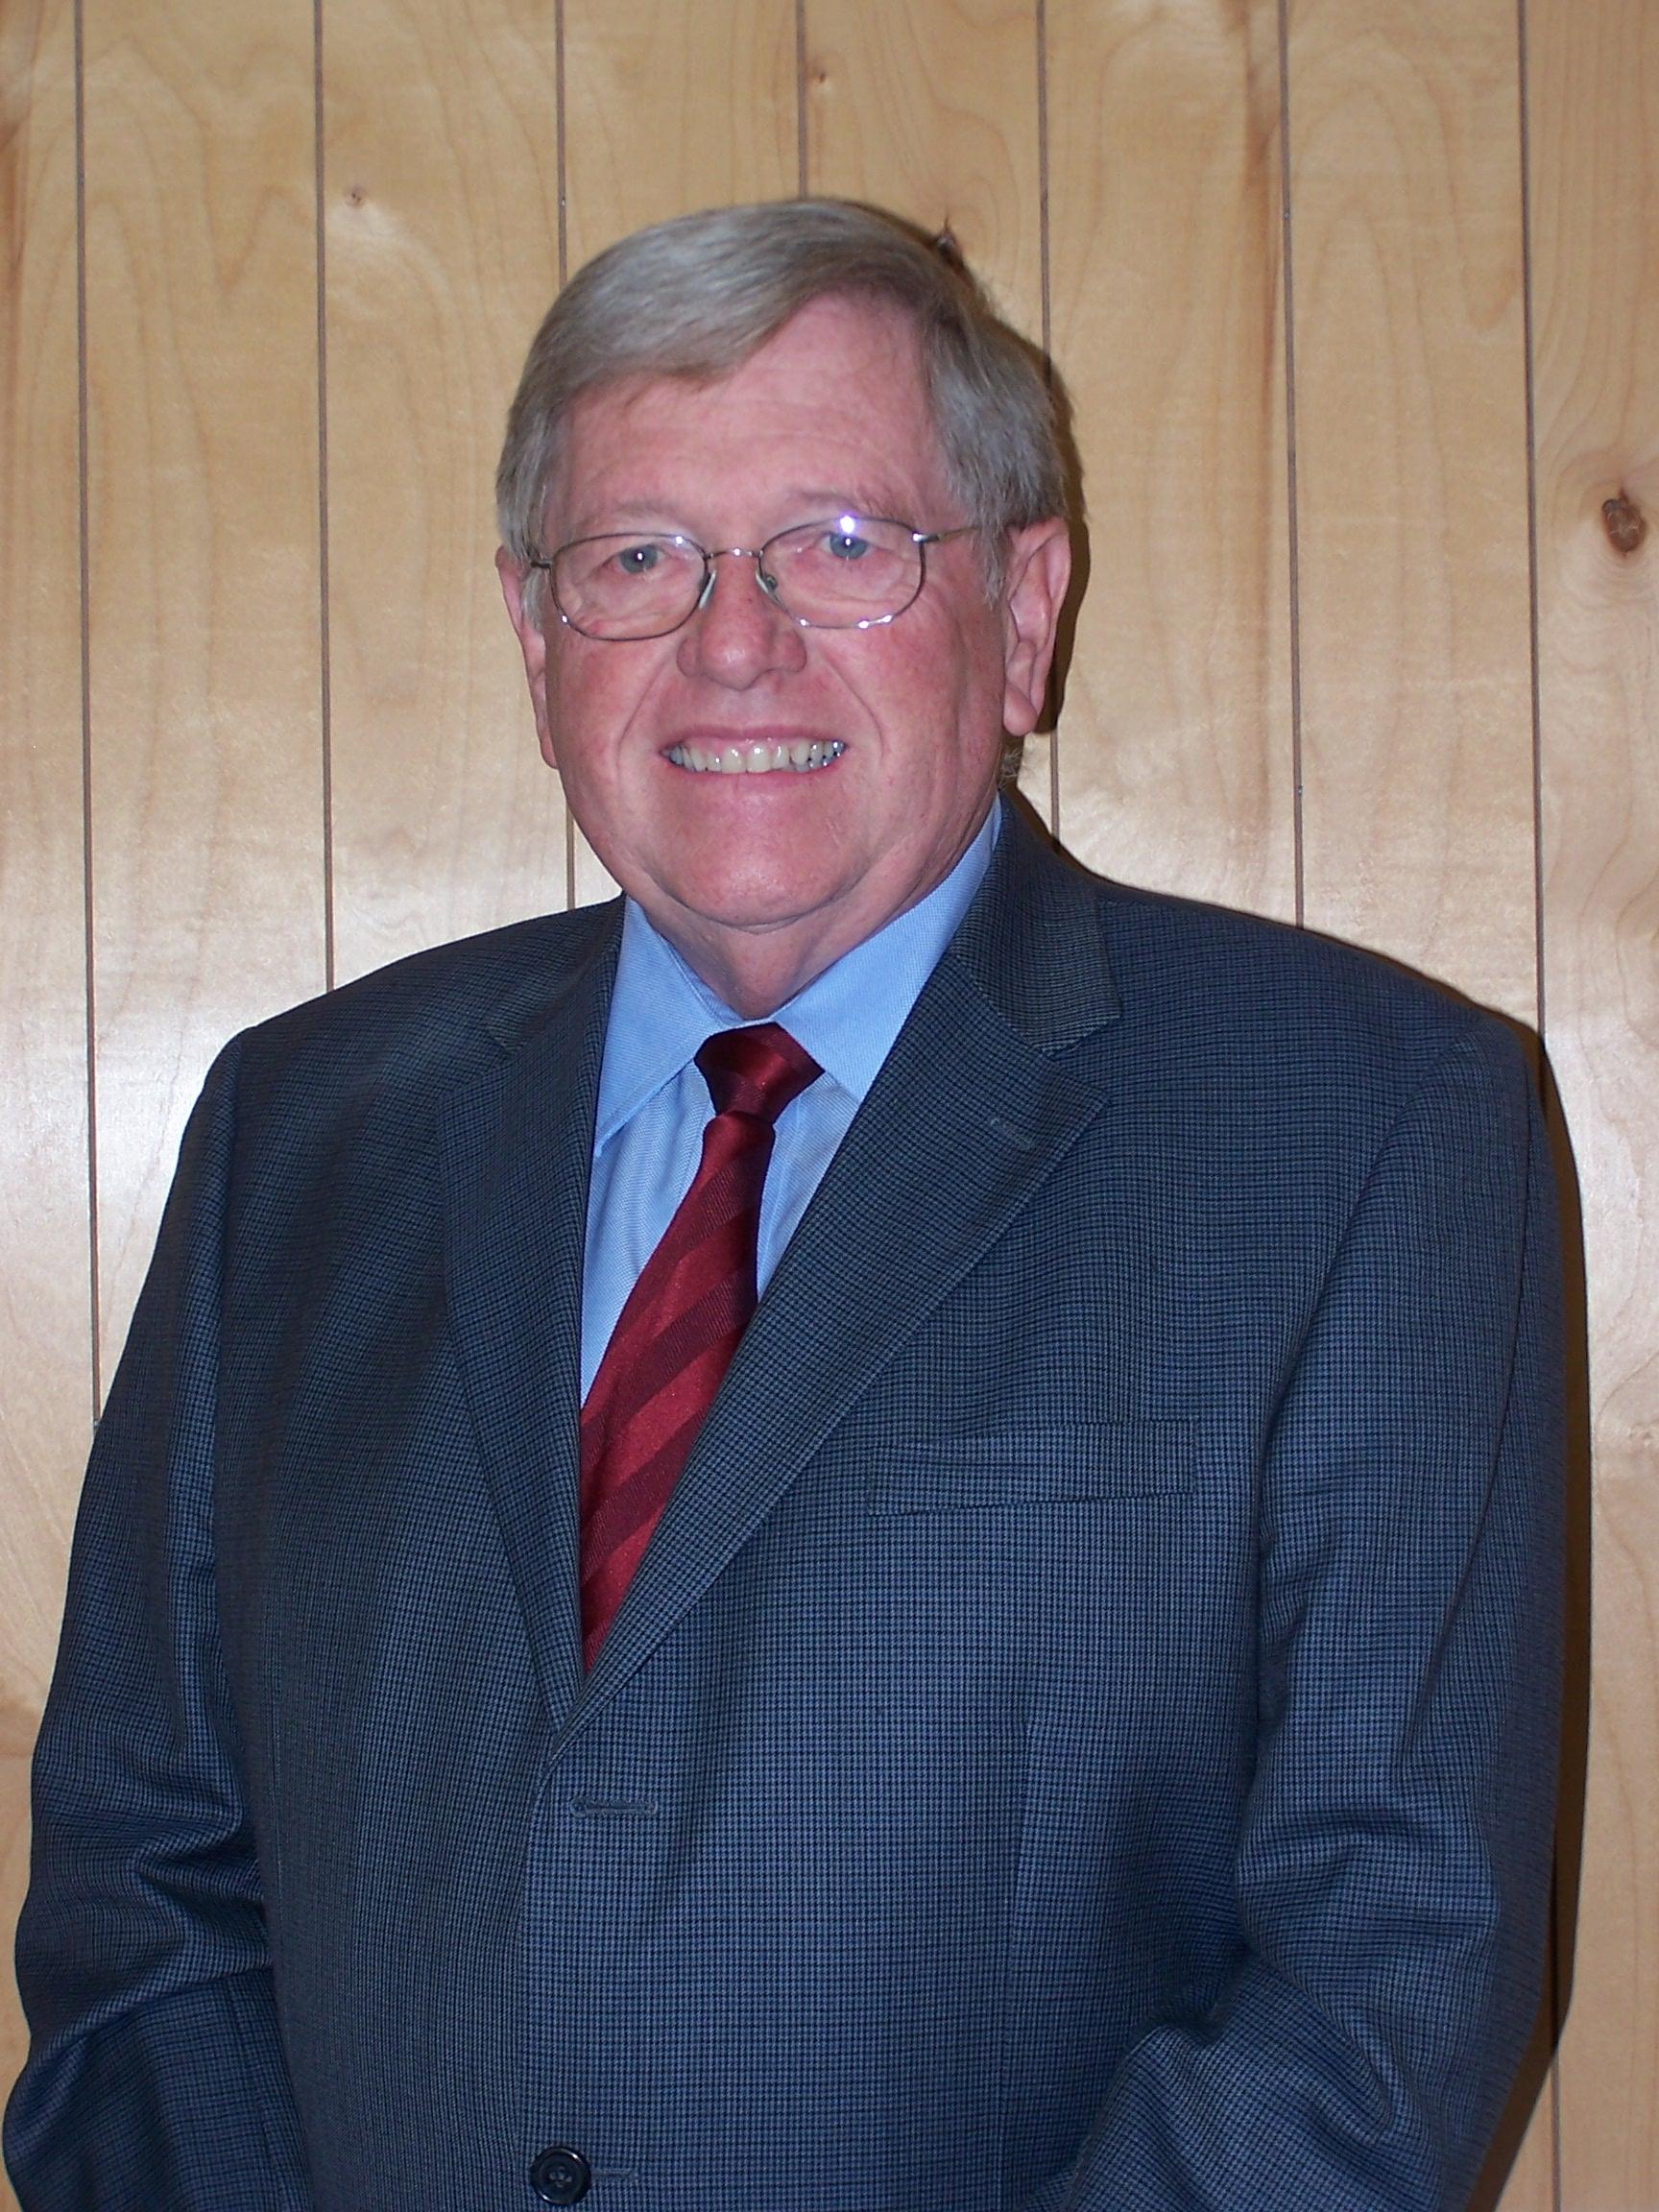 Jim Schier